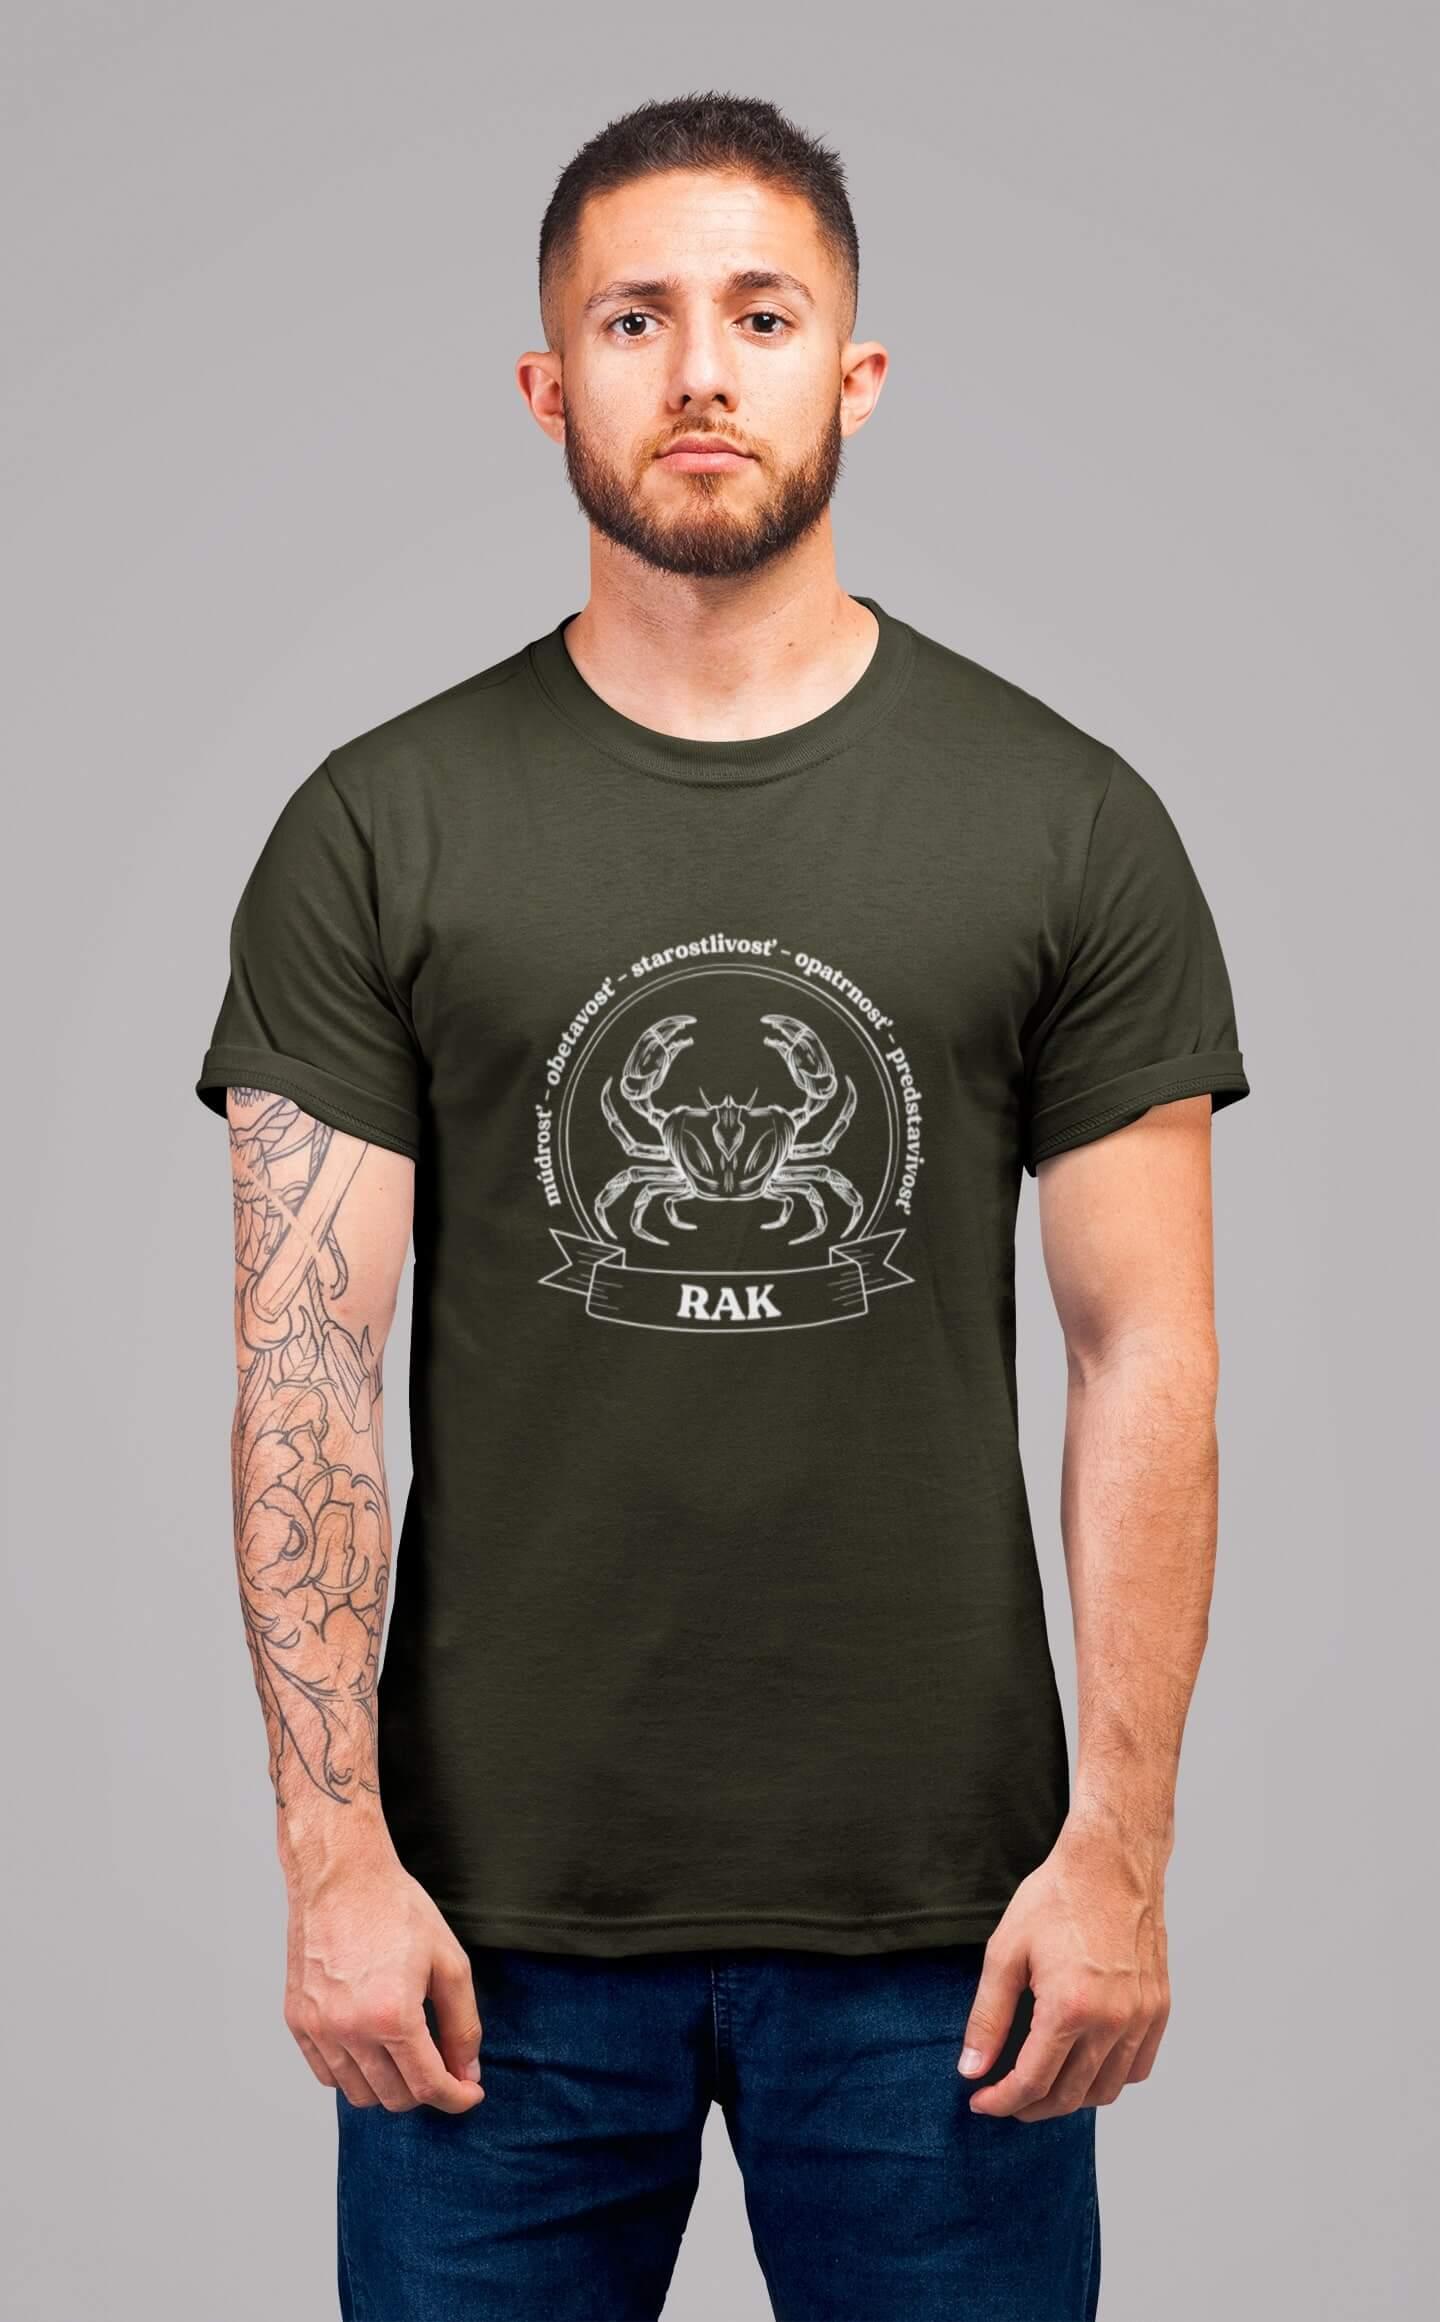 MMO Pánske tričko Rak Vyberte farbu: Military, Vyberte veľkosť: XS